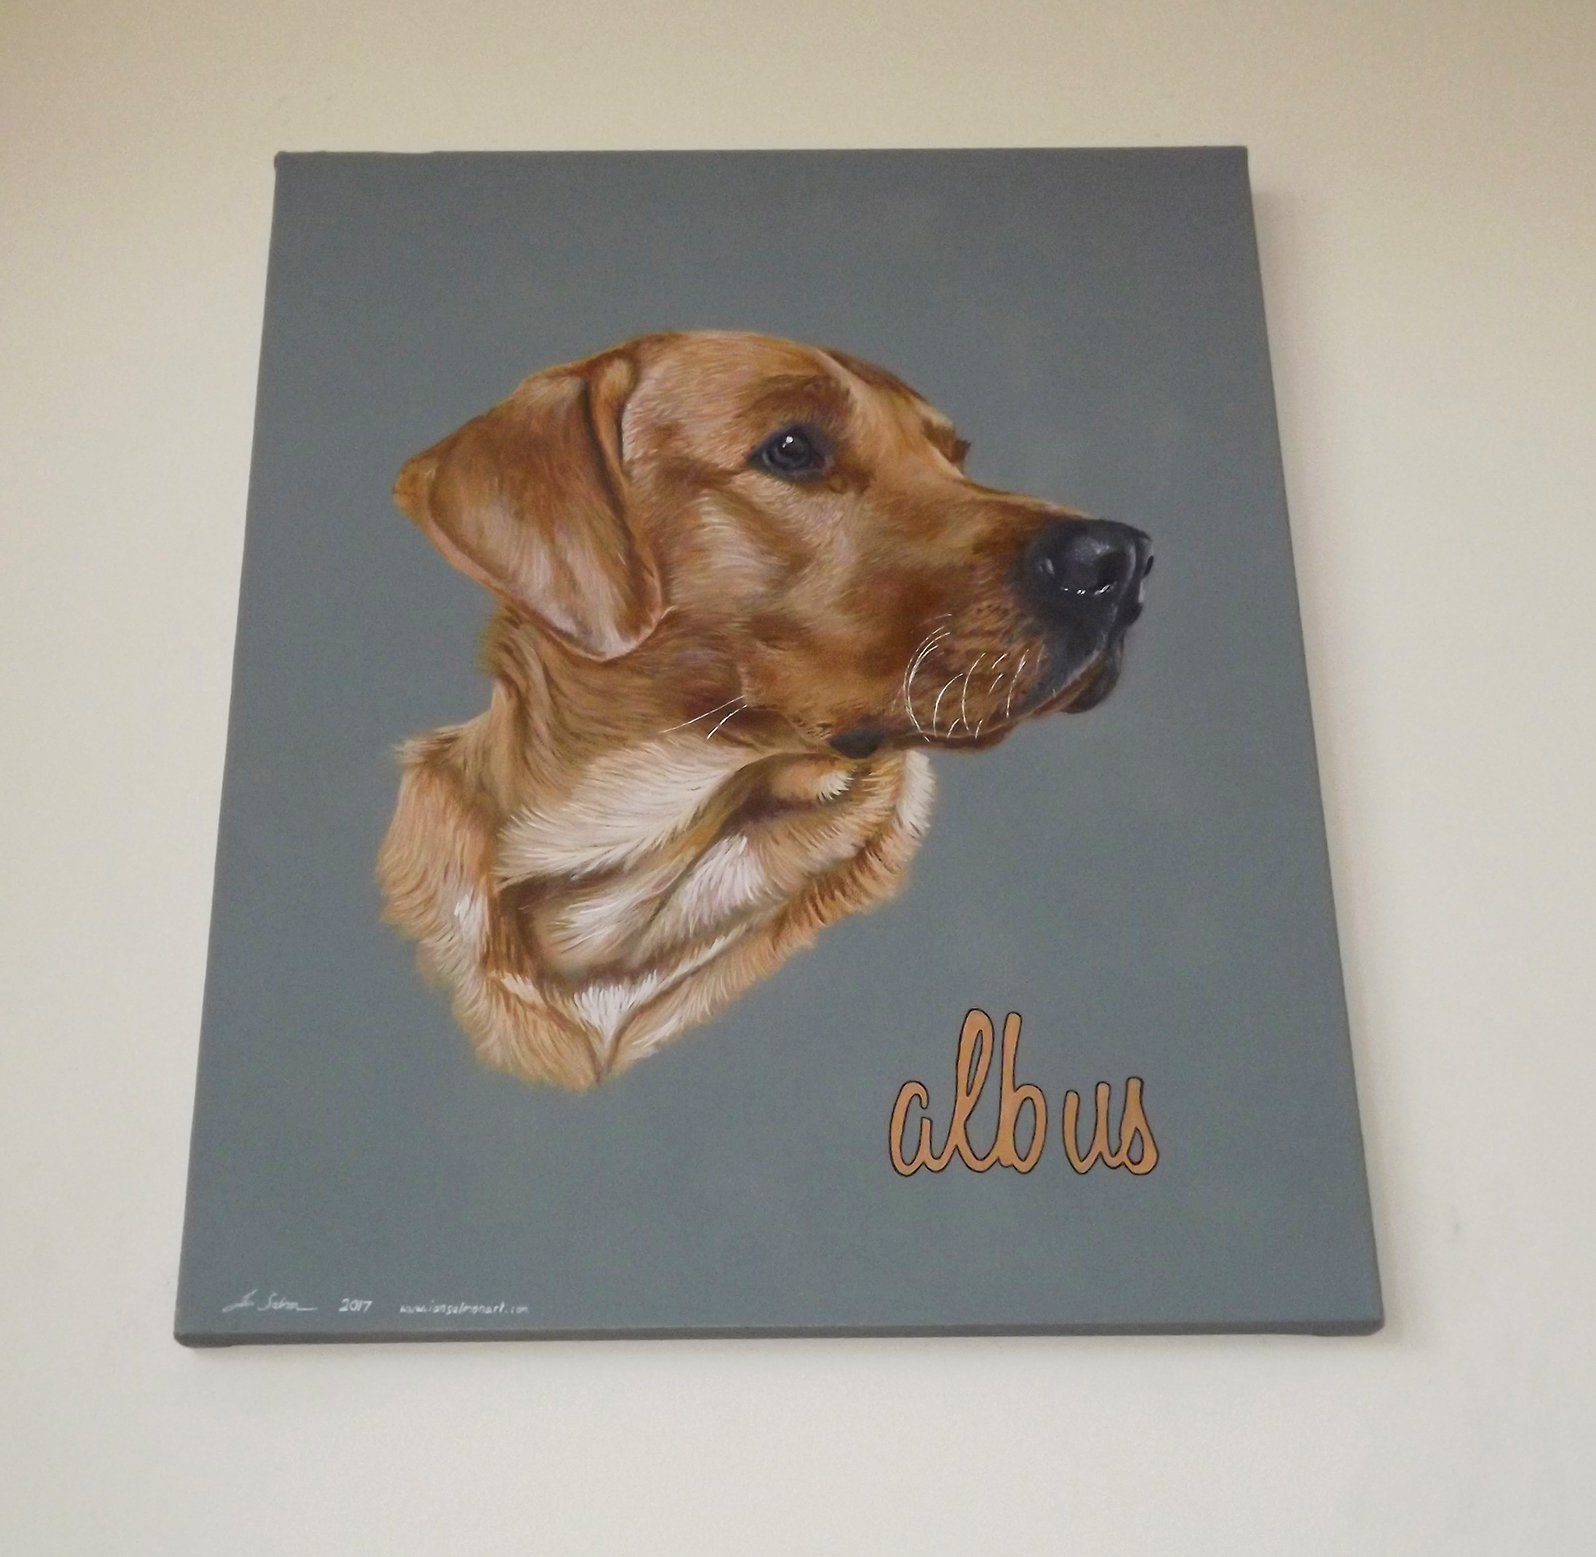 Ian Salmon Albus Labrador Dog portrait 2.jpg